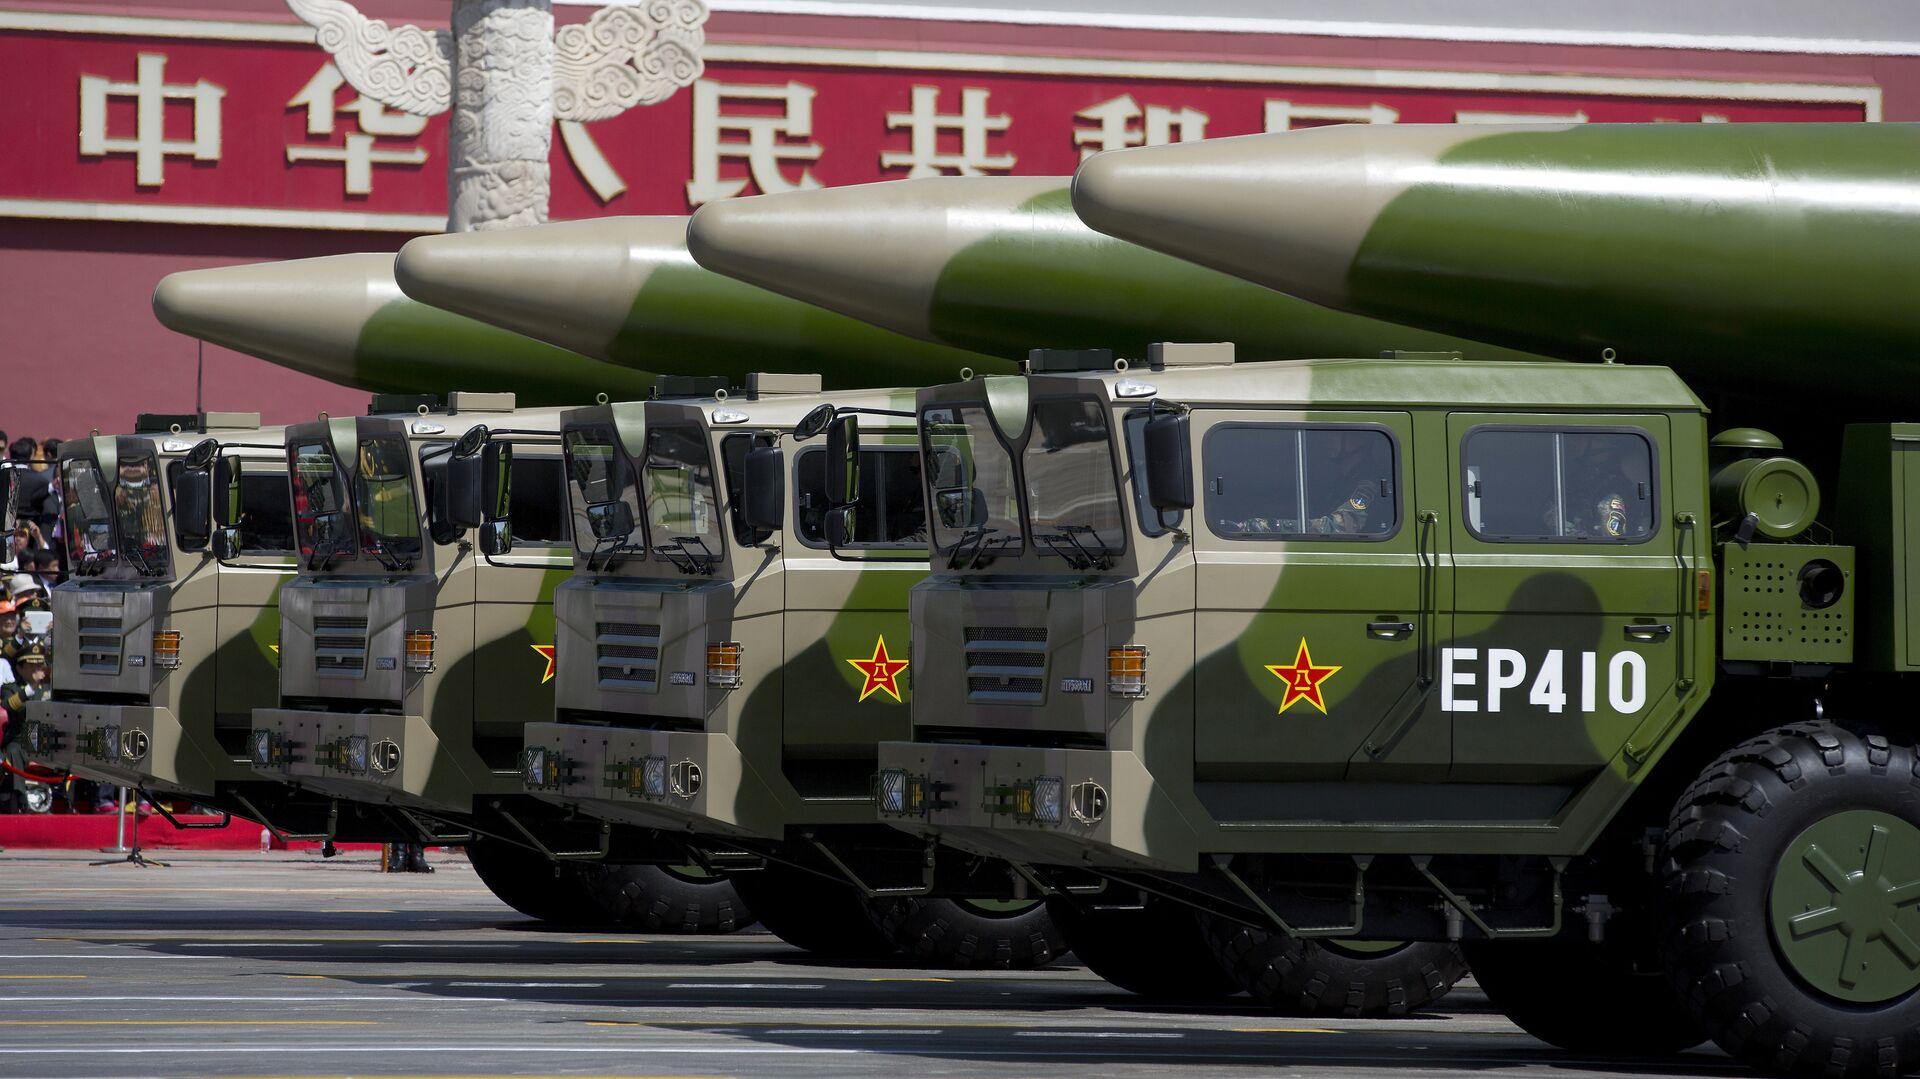 Баллистические ракеты армии Китая во время парада в Пекине, КНР - РИА Новости, 1920, 29.07.2021